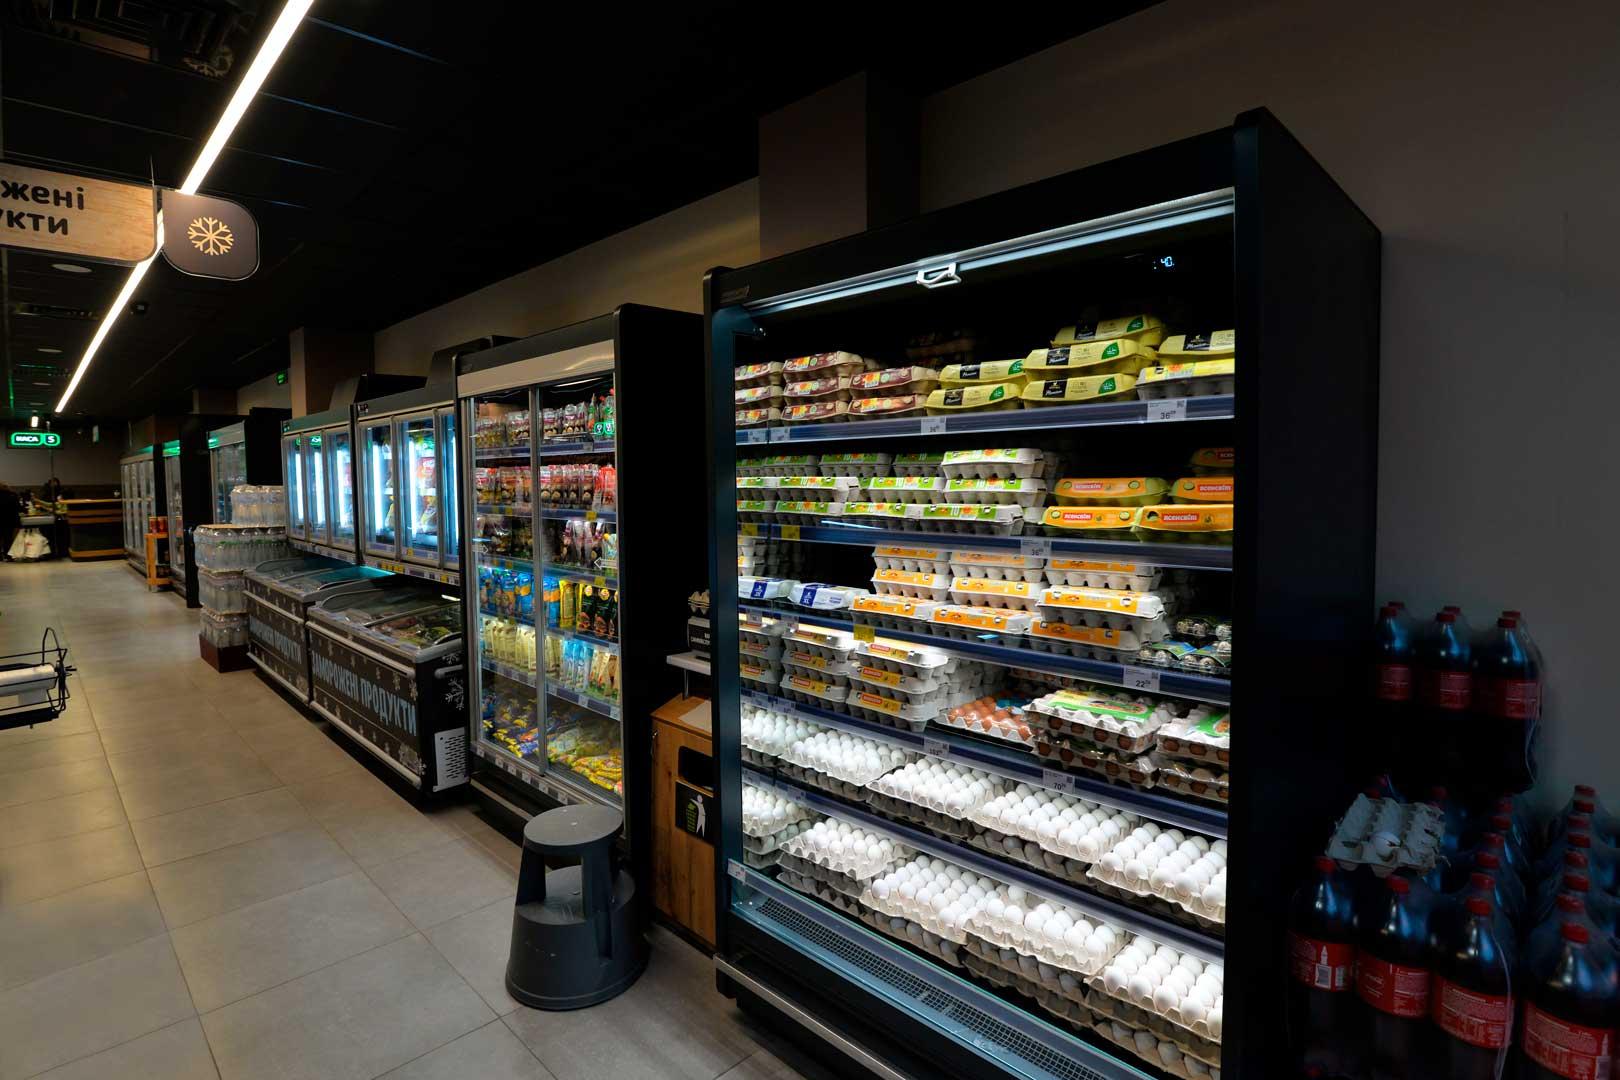 Refrigerated multideck cabinets Indiana MV 090 MT O 205-DLM,Indiana MV 080 MT D 205-DLM